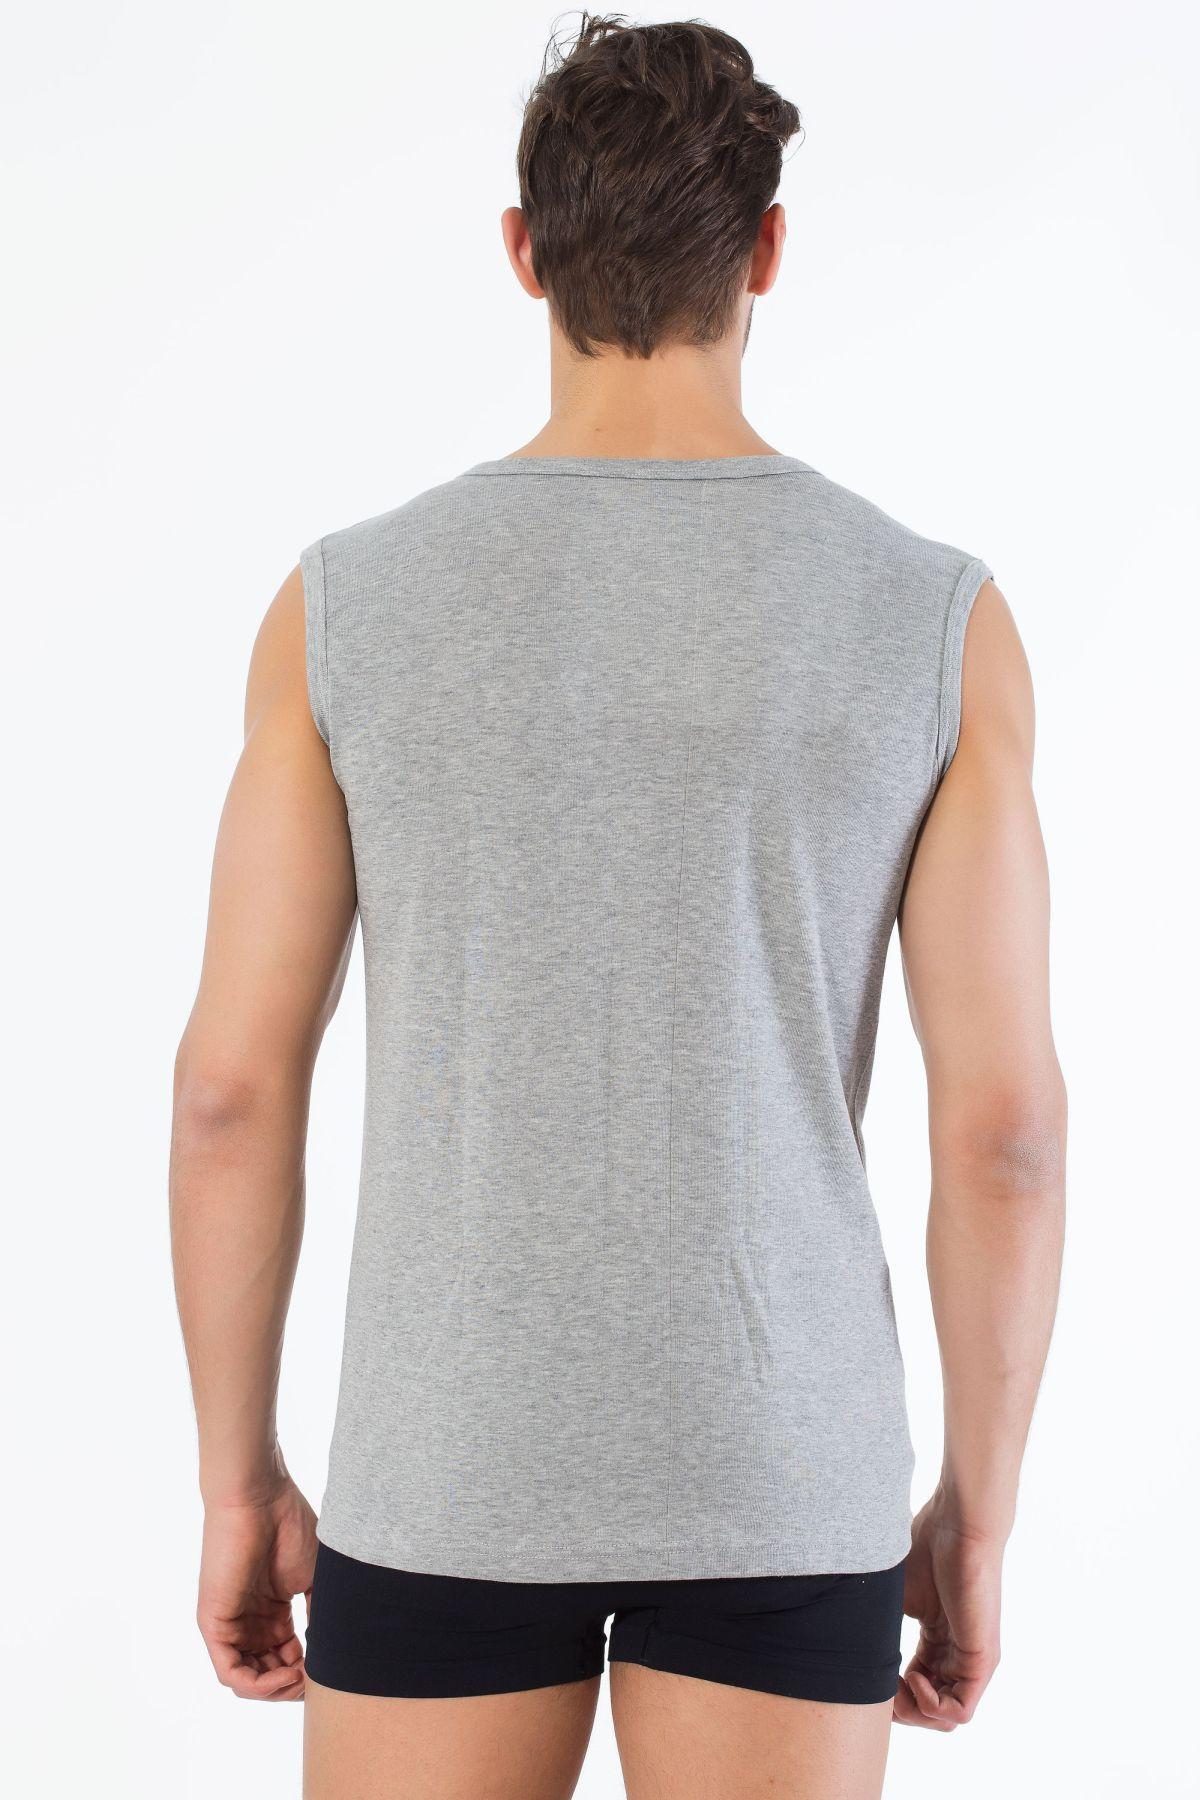 Gri Pamuklu Yuvarlak Yaka Kolsuz T-Shirt